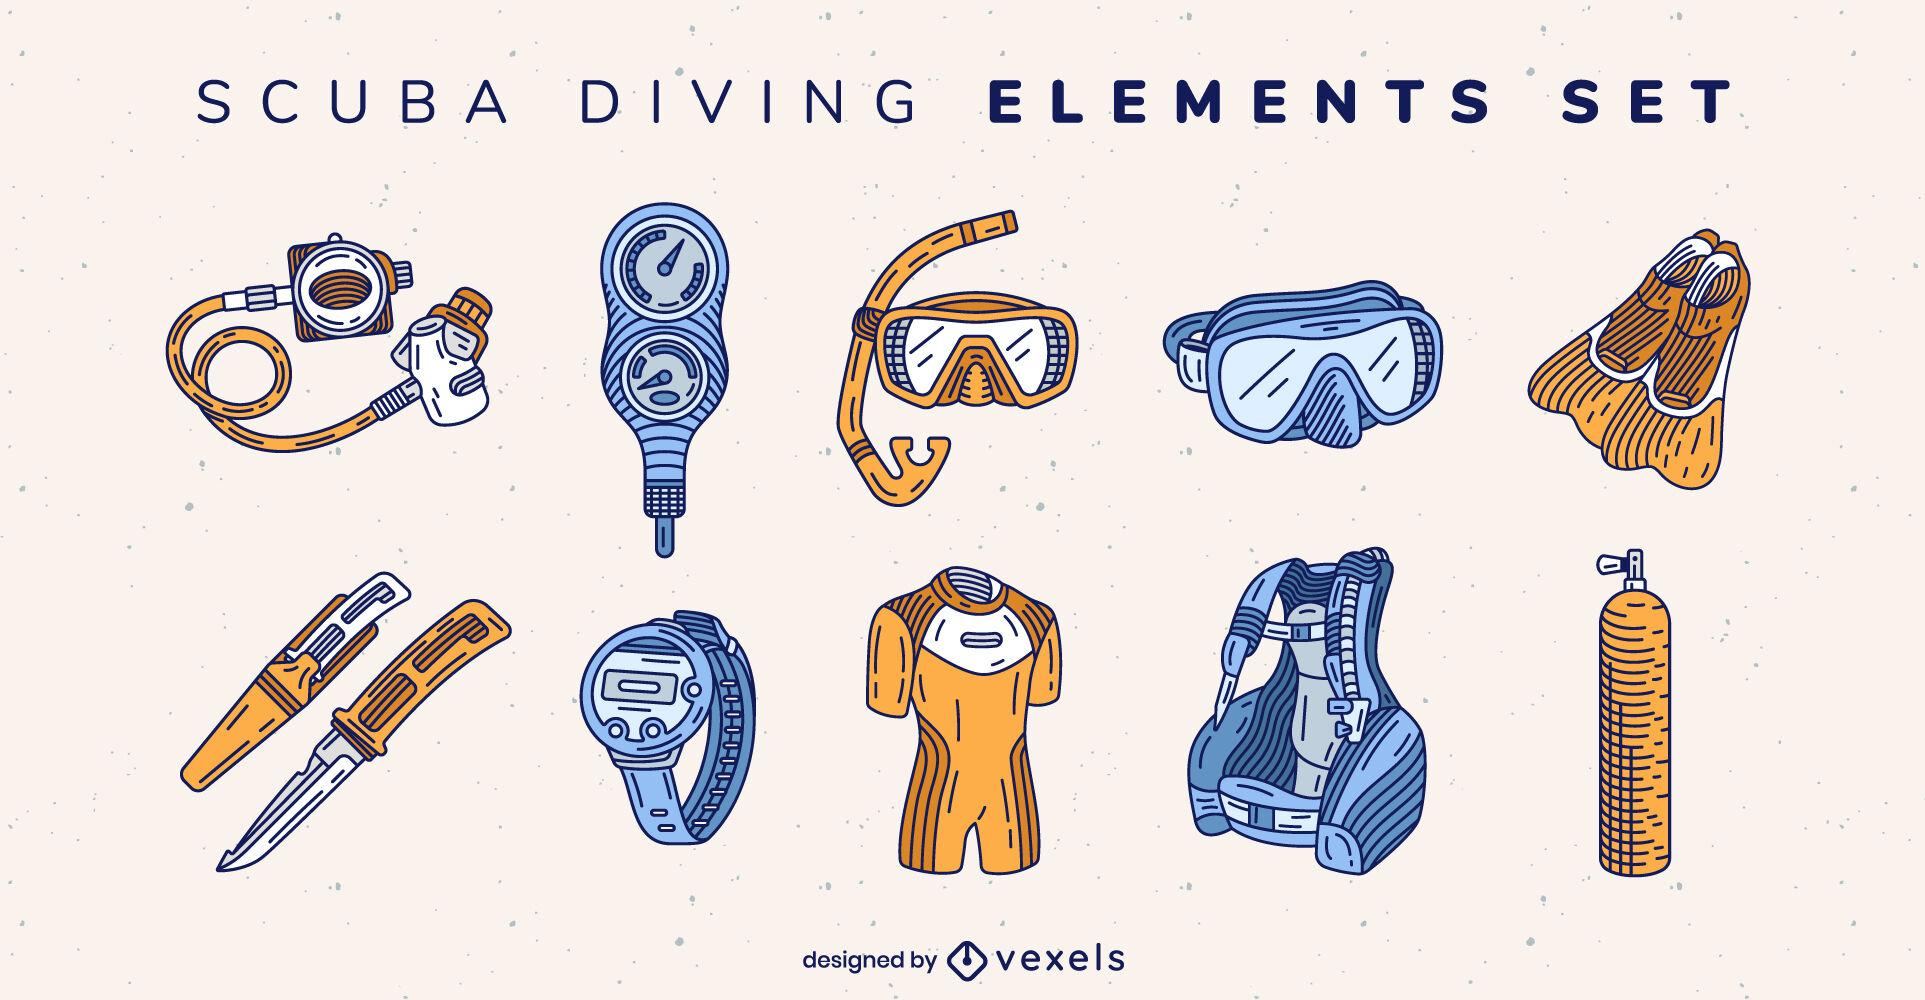 Scuba diving equipment elements set